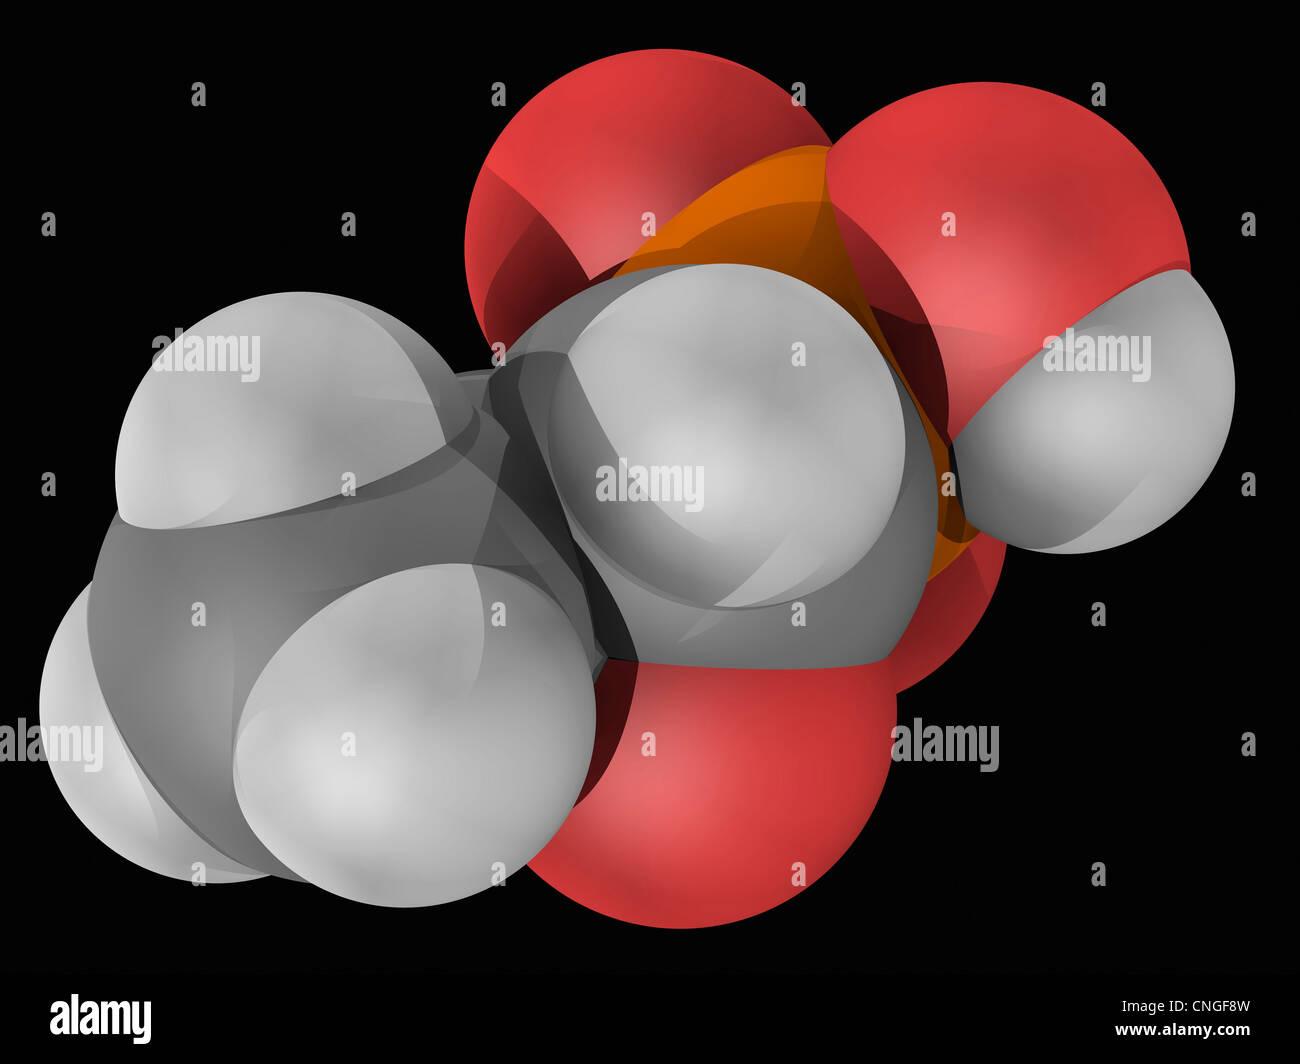 Fosfomycin drug molecule - Stock Image